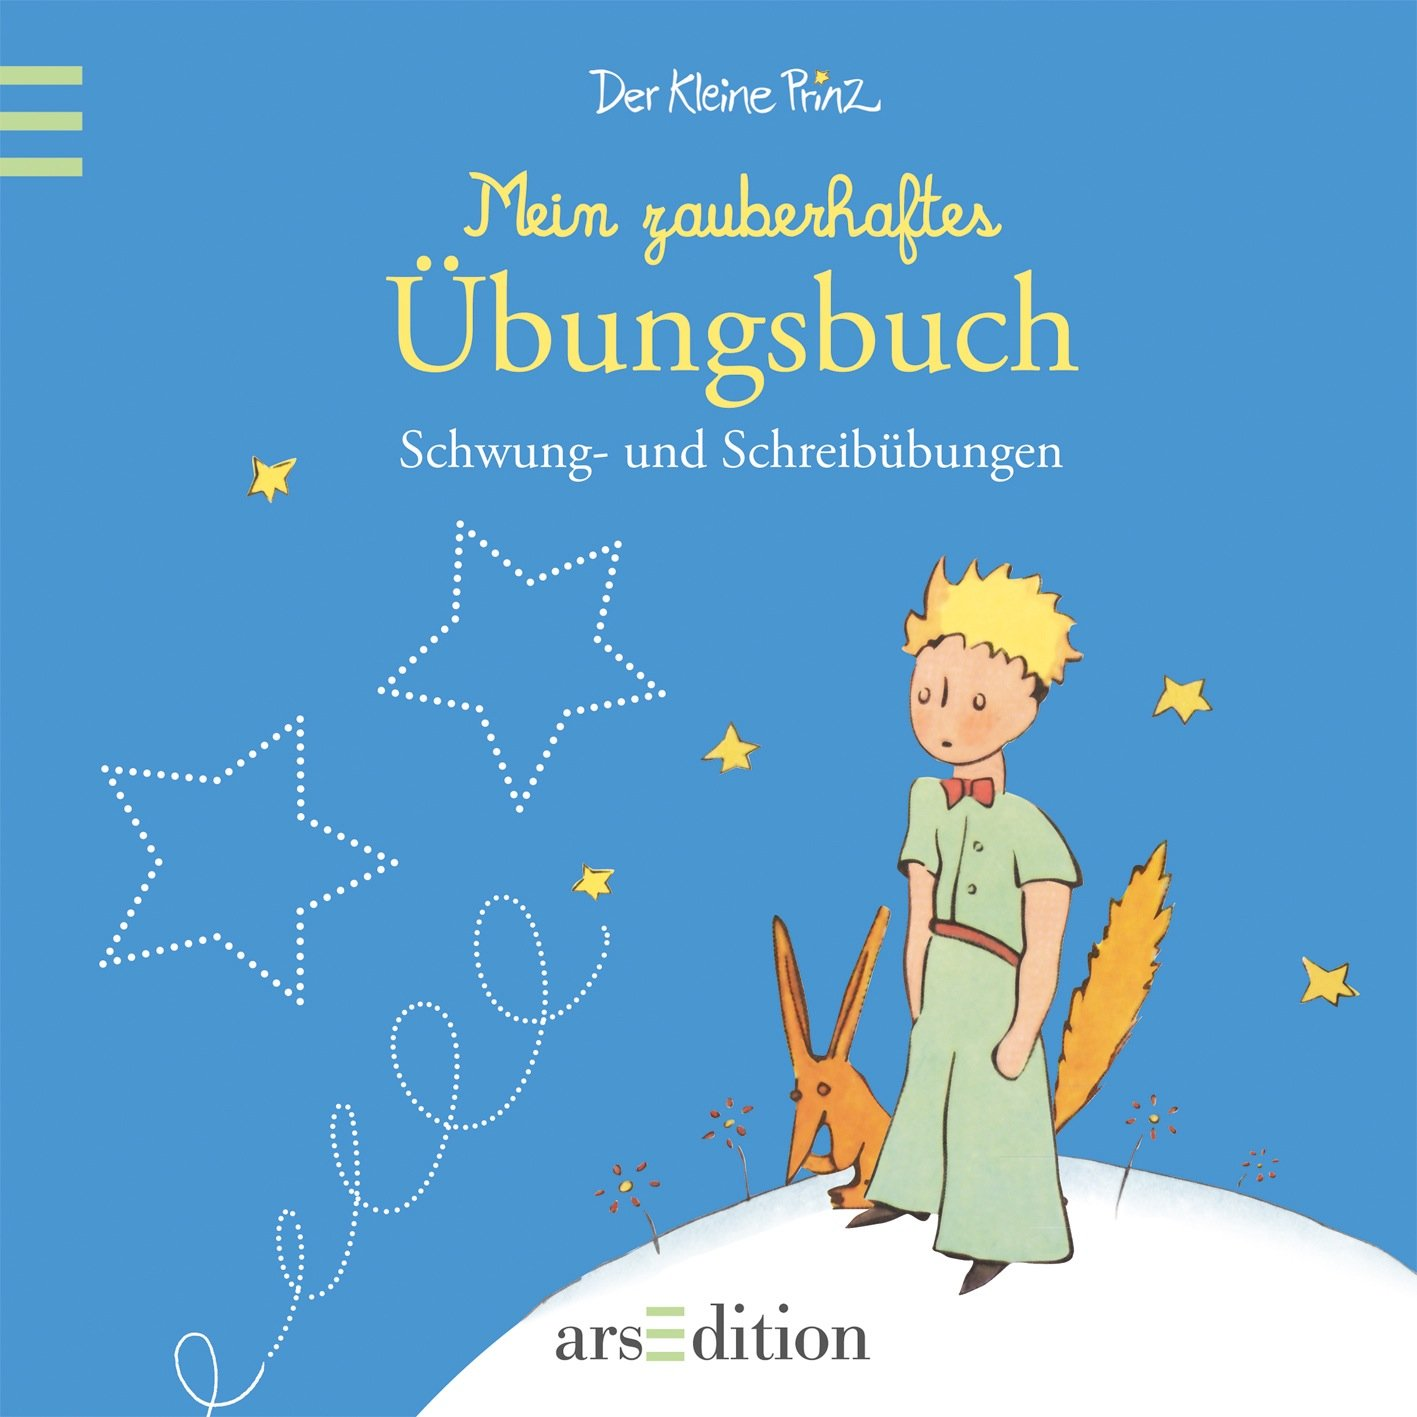 der-kleine-prinz-mein-zauberhaftes-bungsbuch